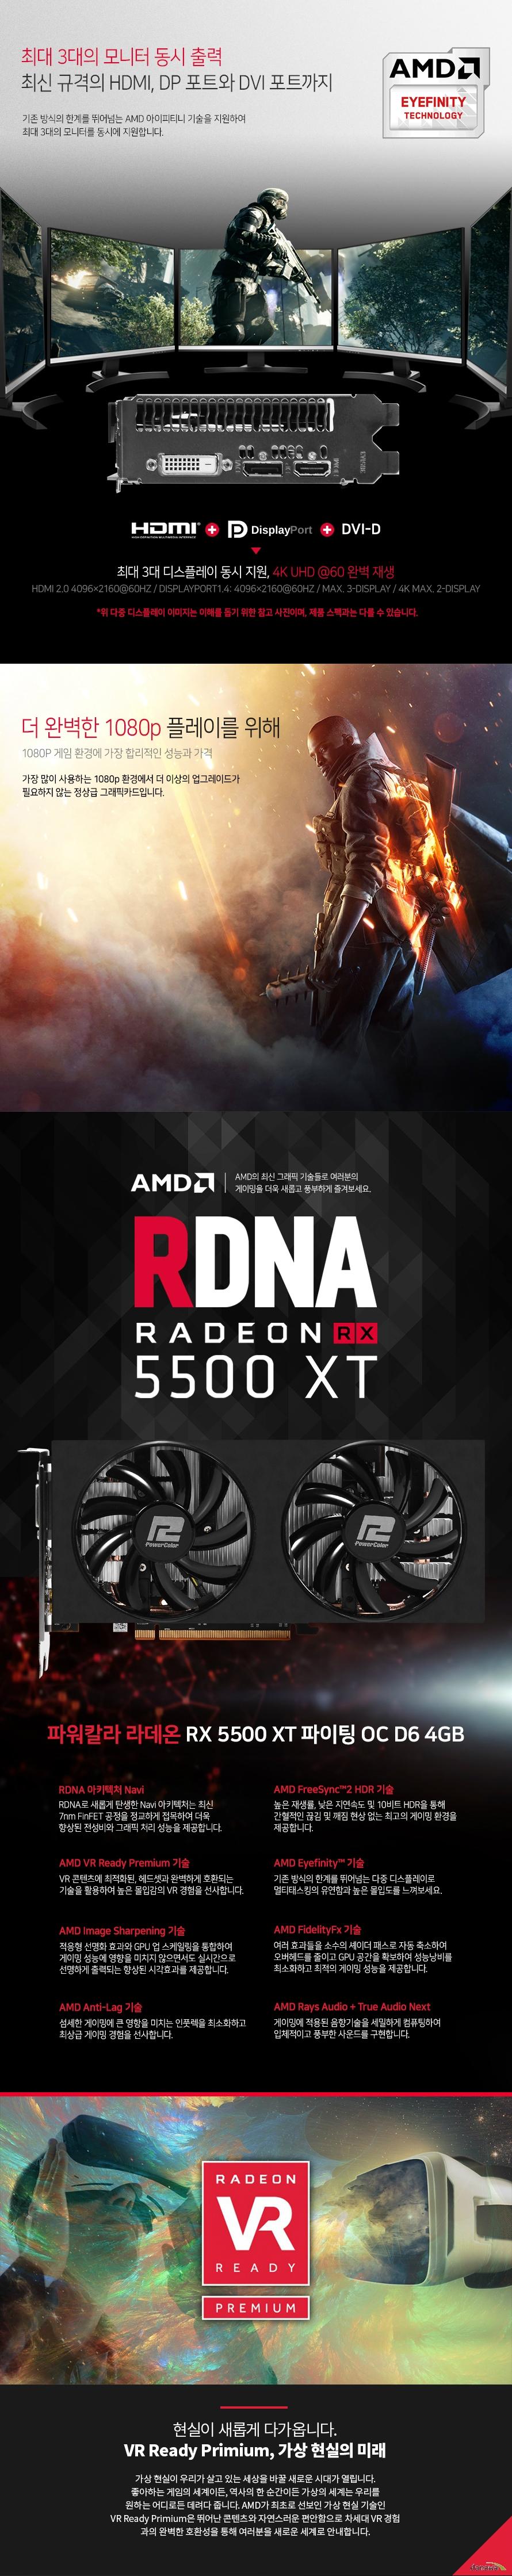 PowerColor 라데온 RX 5500 XT 파이팅 OC D6 4GB